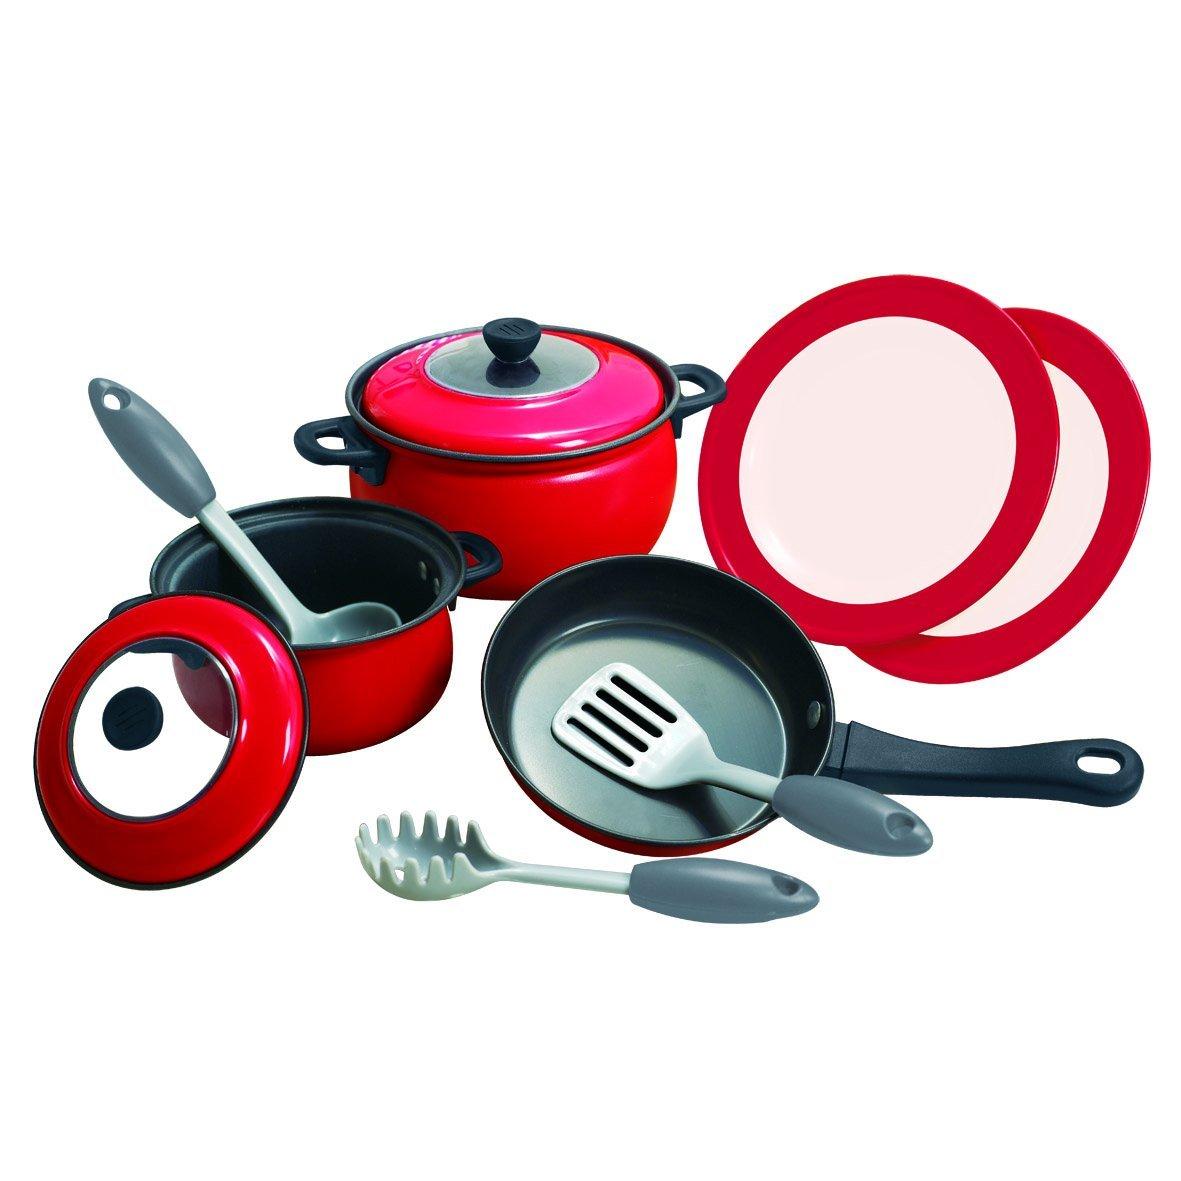 Игровой набор металлической посуды, 10 предметовАксессуары и техника для детской кухни<br>Игровой набор металлической посуды, 10 предметов<br>